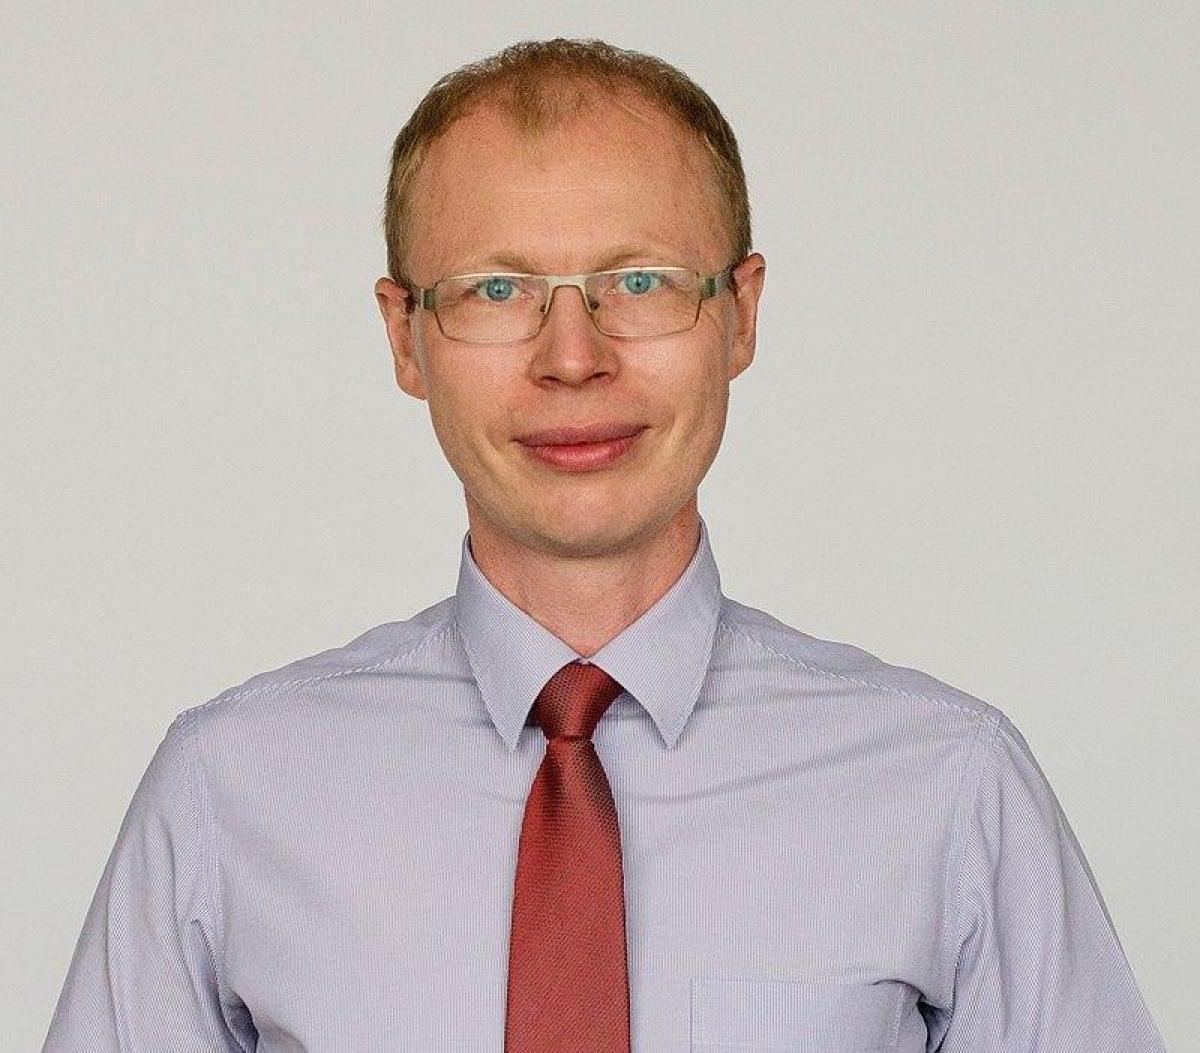 В Минске задержали лидера социал-демократов Беларуси